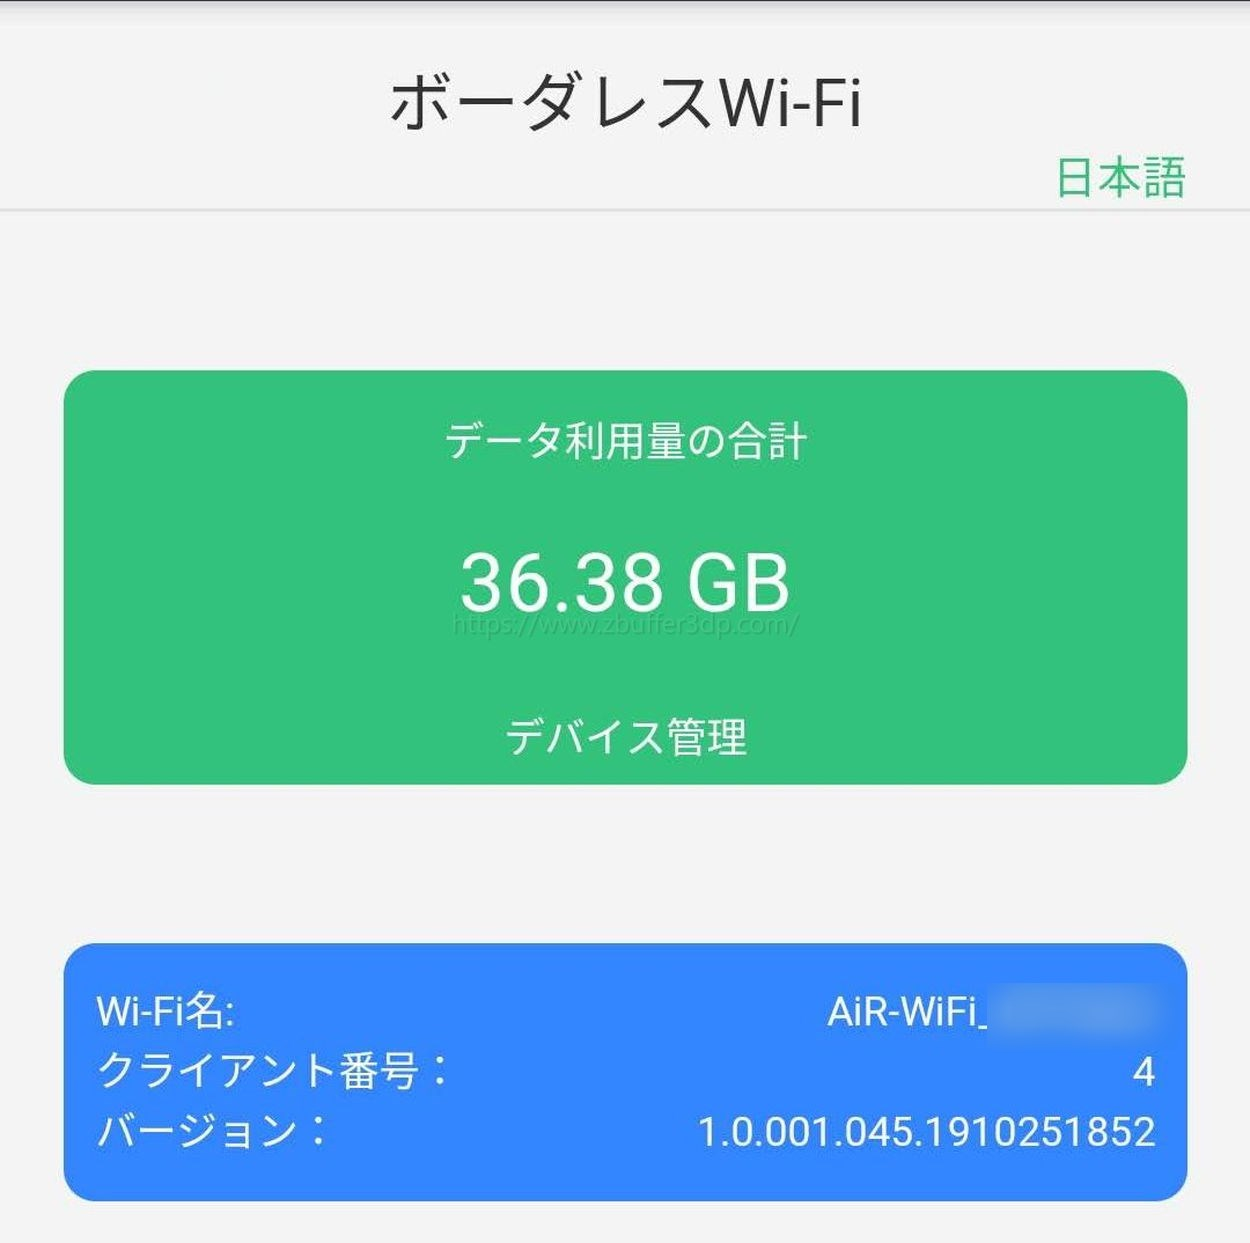 クラウドWi-Fi(東京)で3日間10GB以上使用